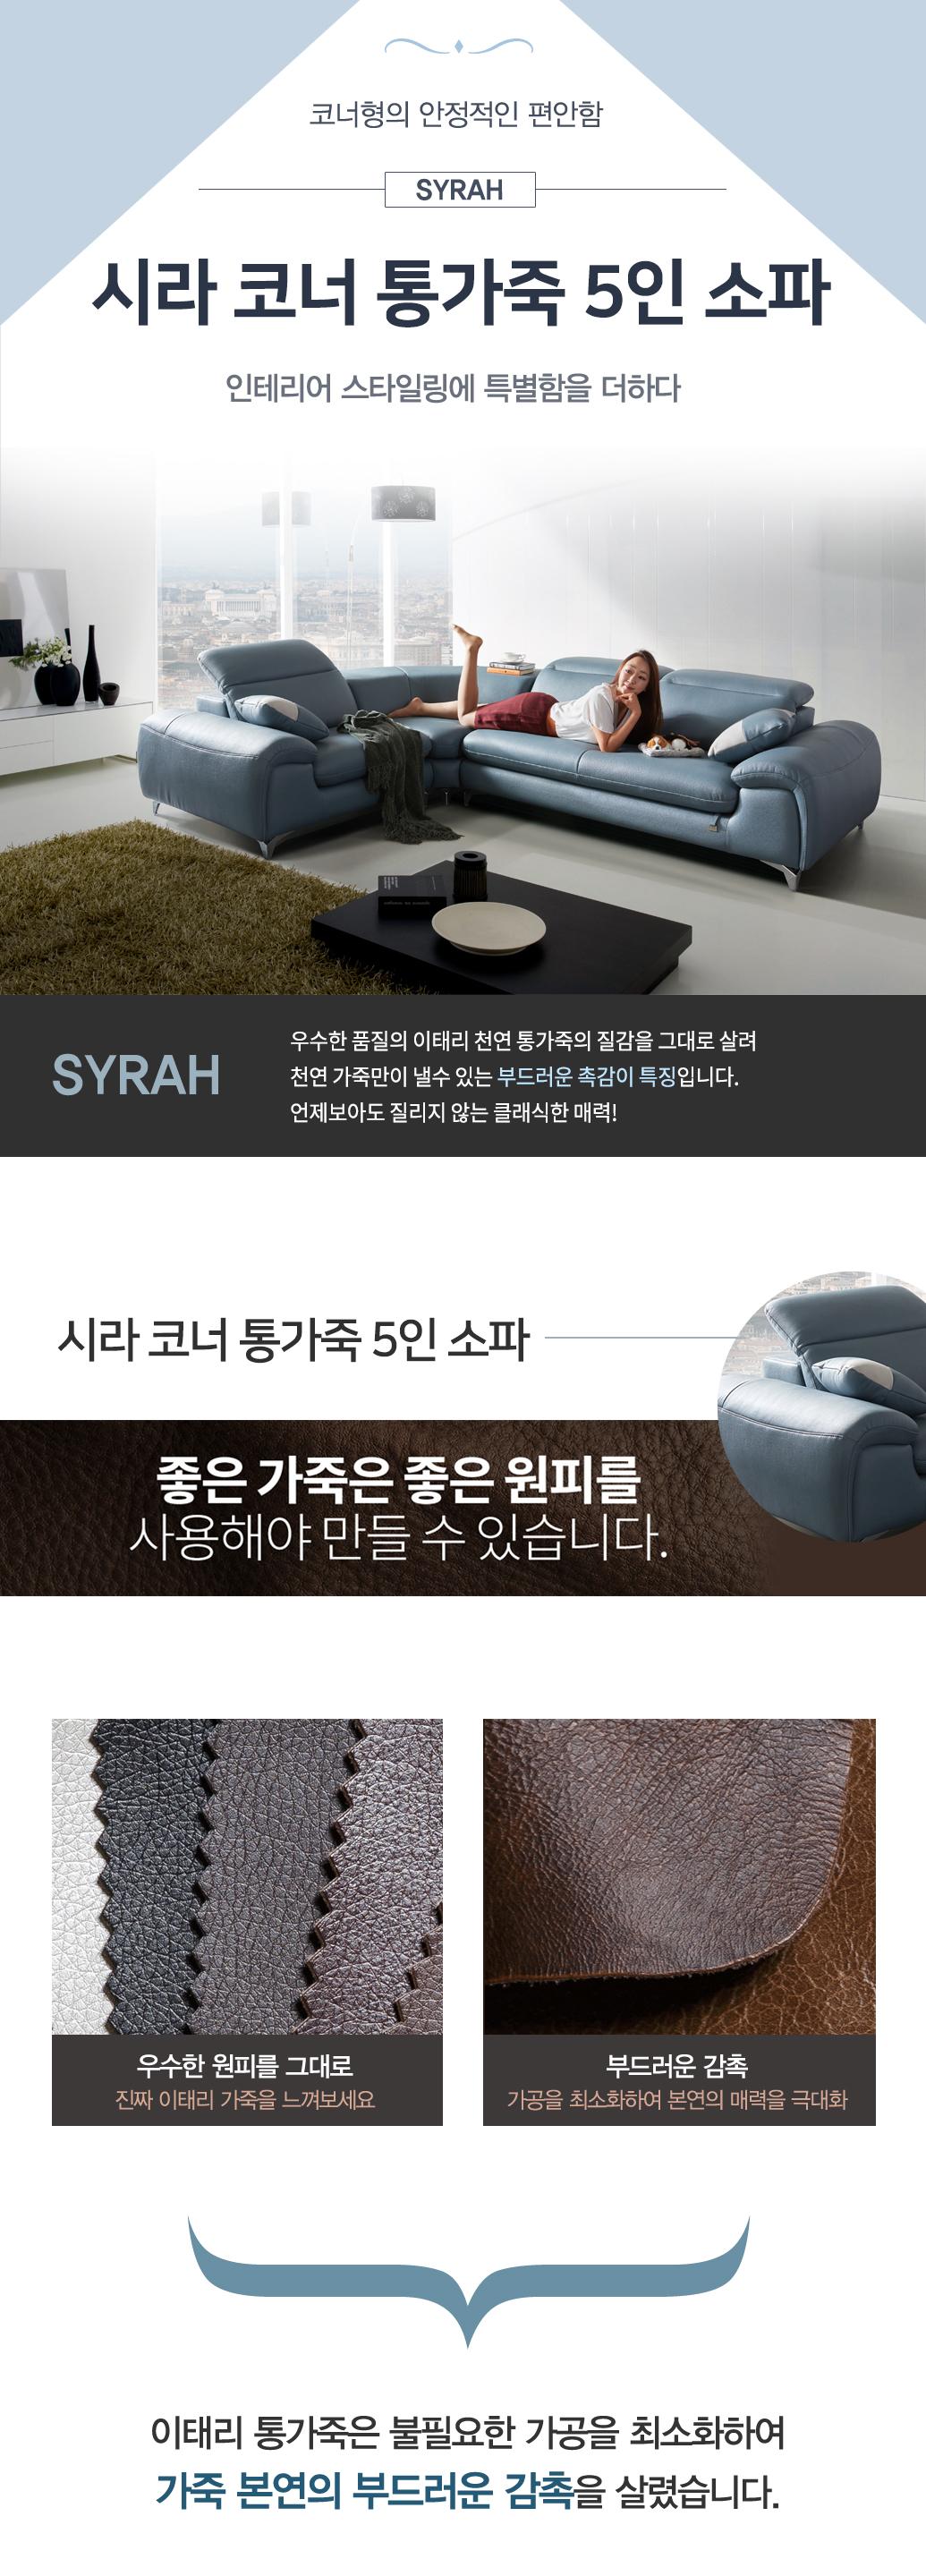 SYRAH_01.jpg